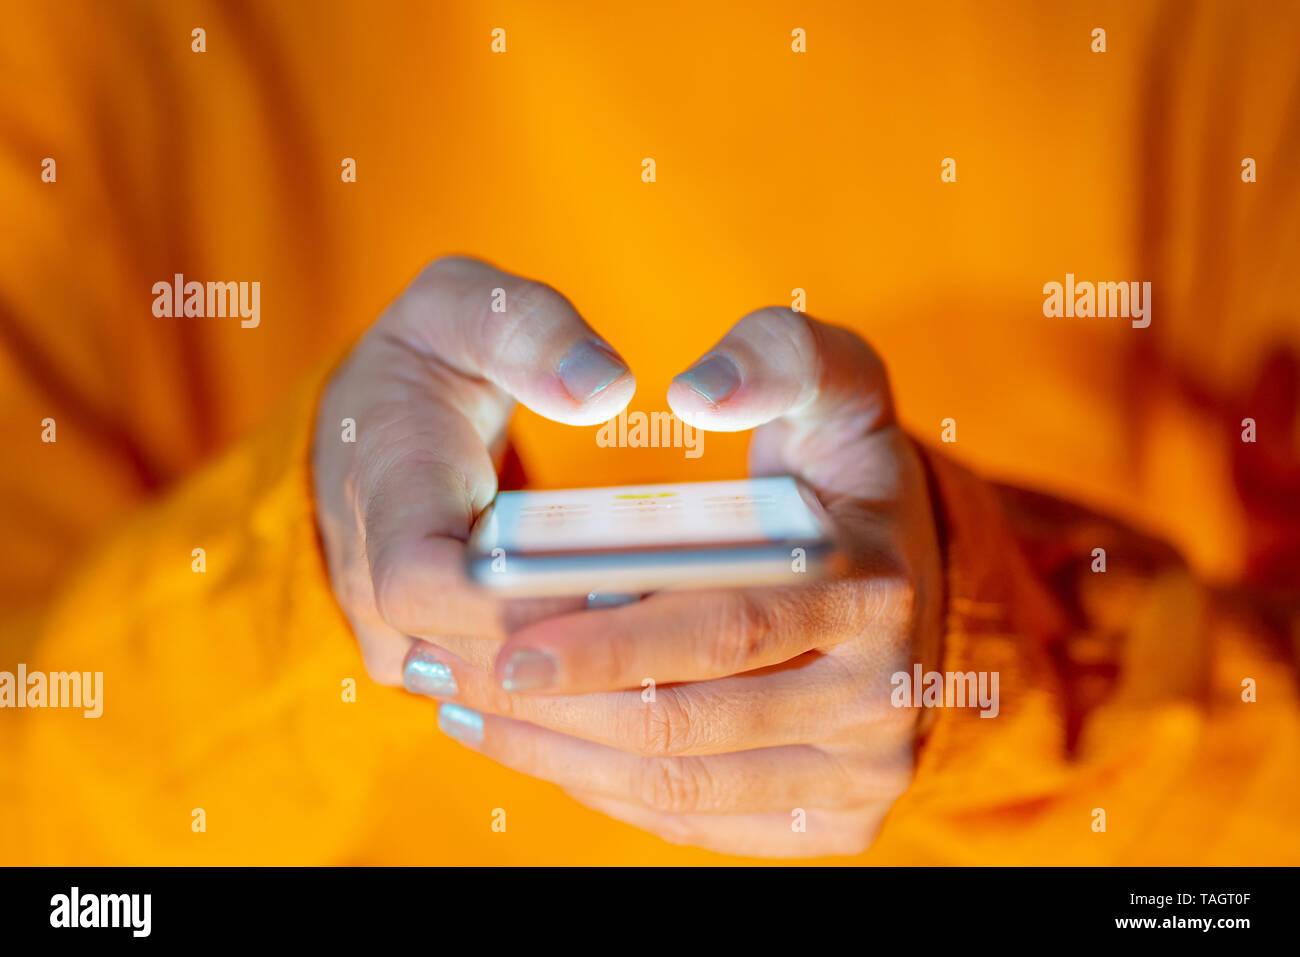 Mains de jeune femme ou adolescent d'envoyer du texte sur les médias sociaux Mobile app dans Internet et la cyberintimidation de la toxicomanie et de la technologie moderne des communications Banque D'Images